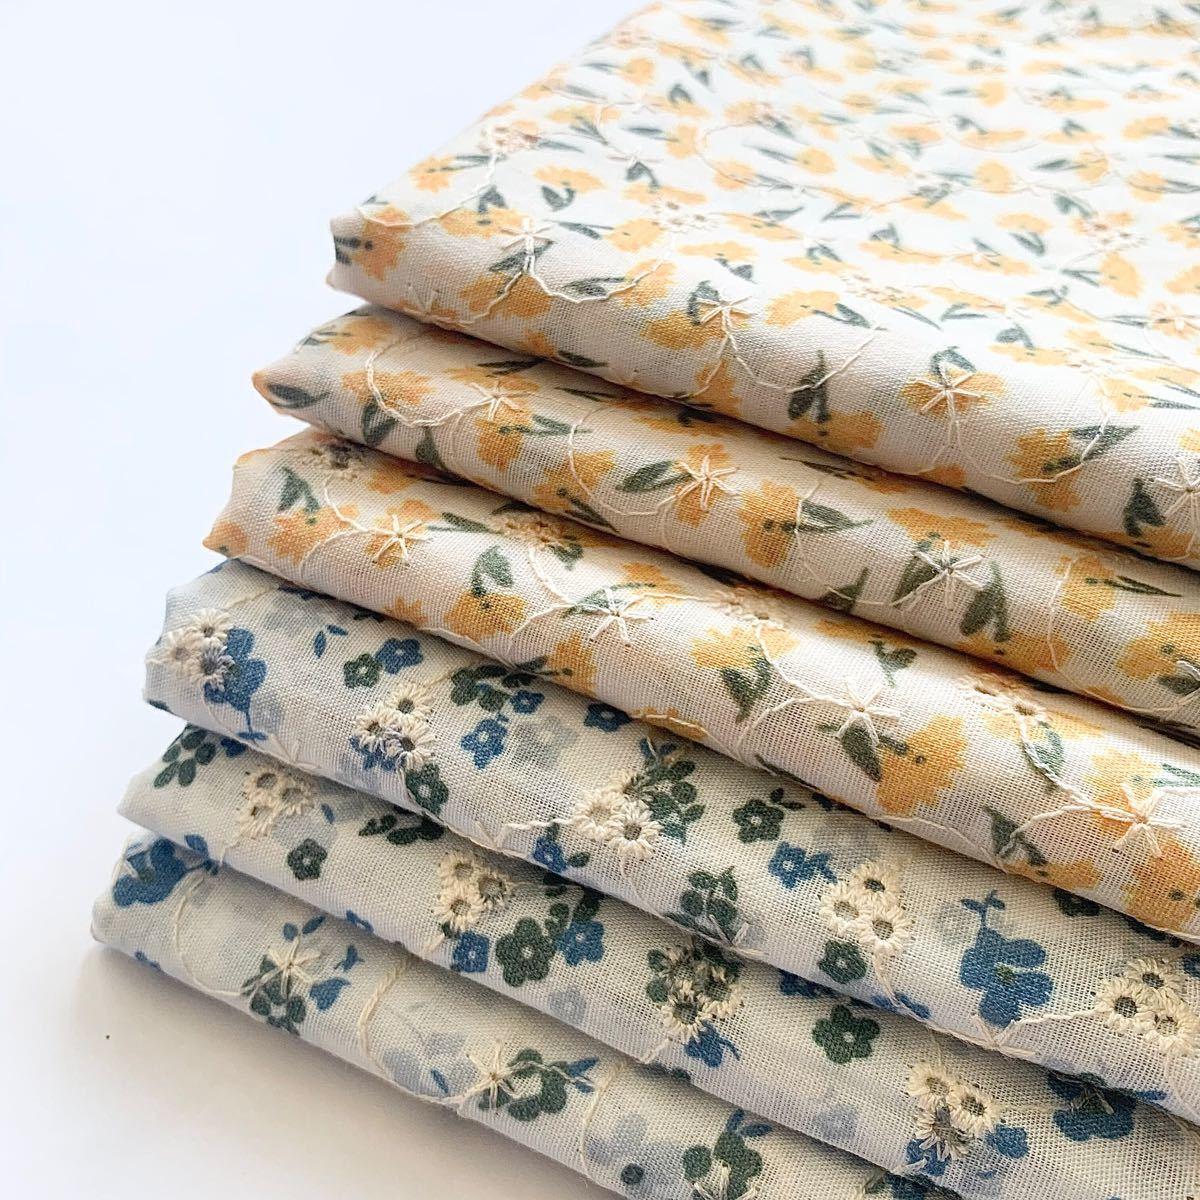 コットン 綿 刺繍生地 はぎれセット 花柄 ハンドメイド 布 ハギレ レース